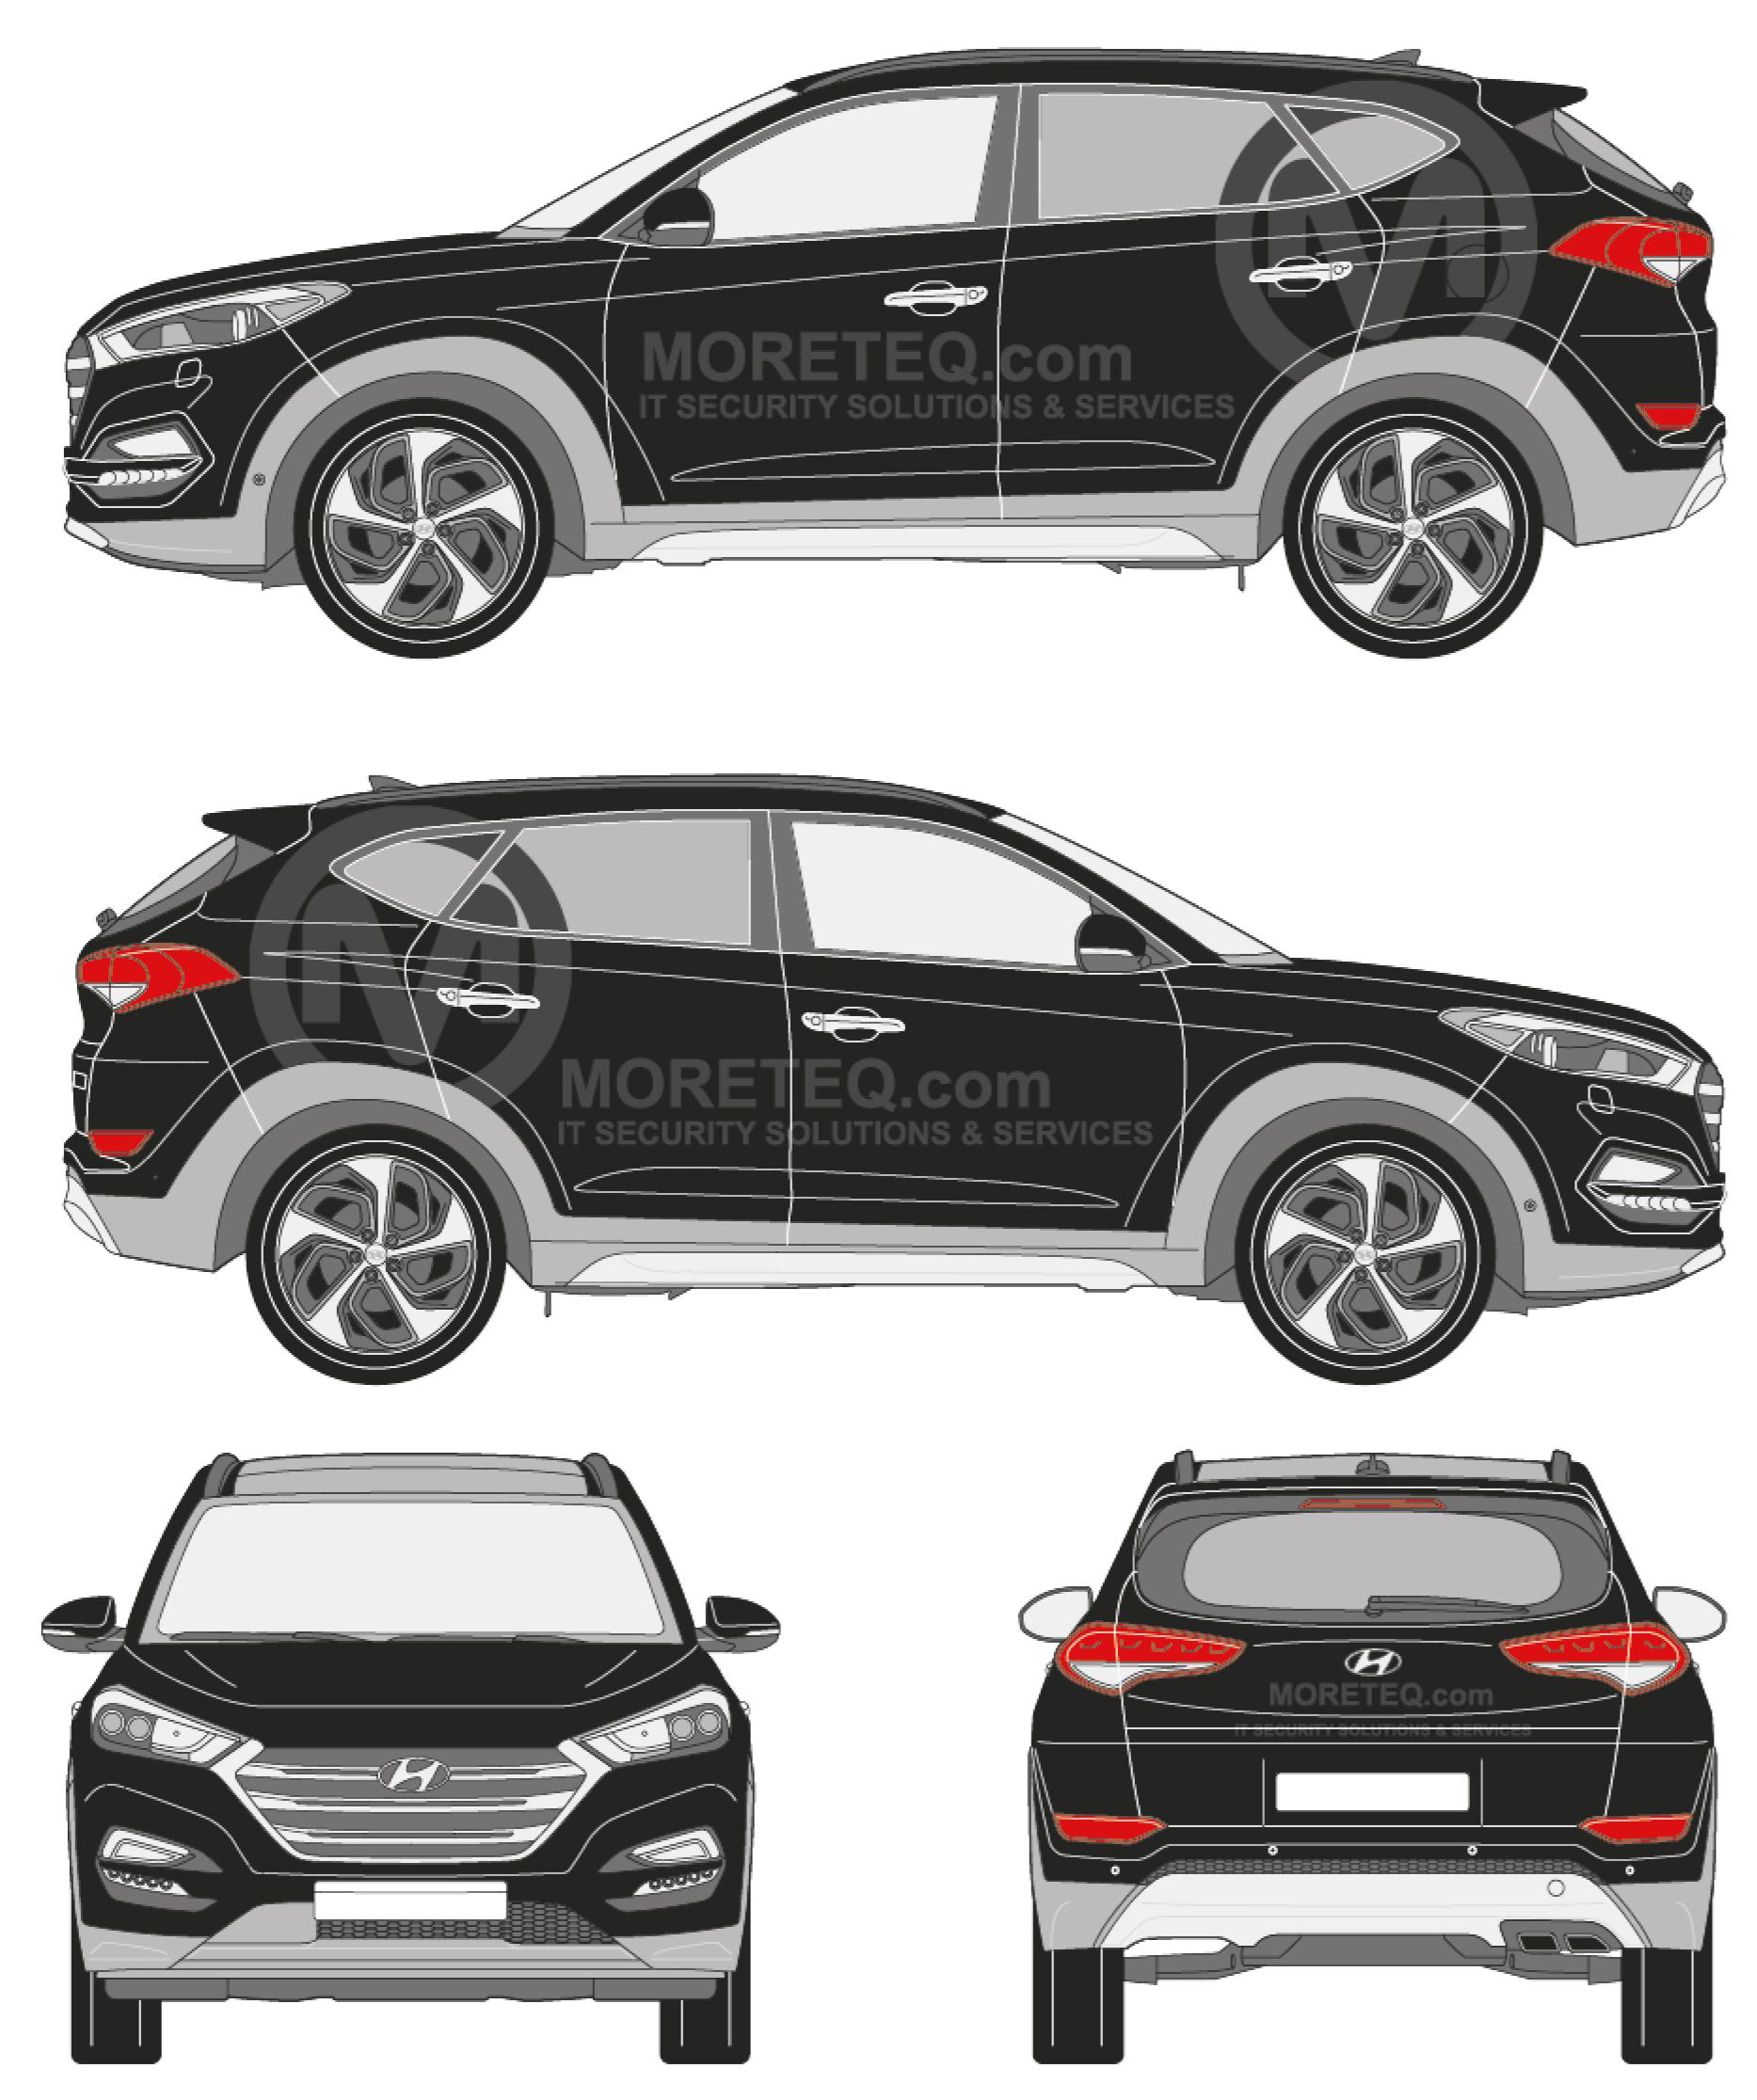 Moreteo Hyundai Tucson ontwerp.jpg